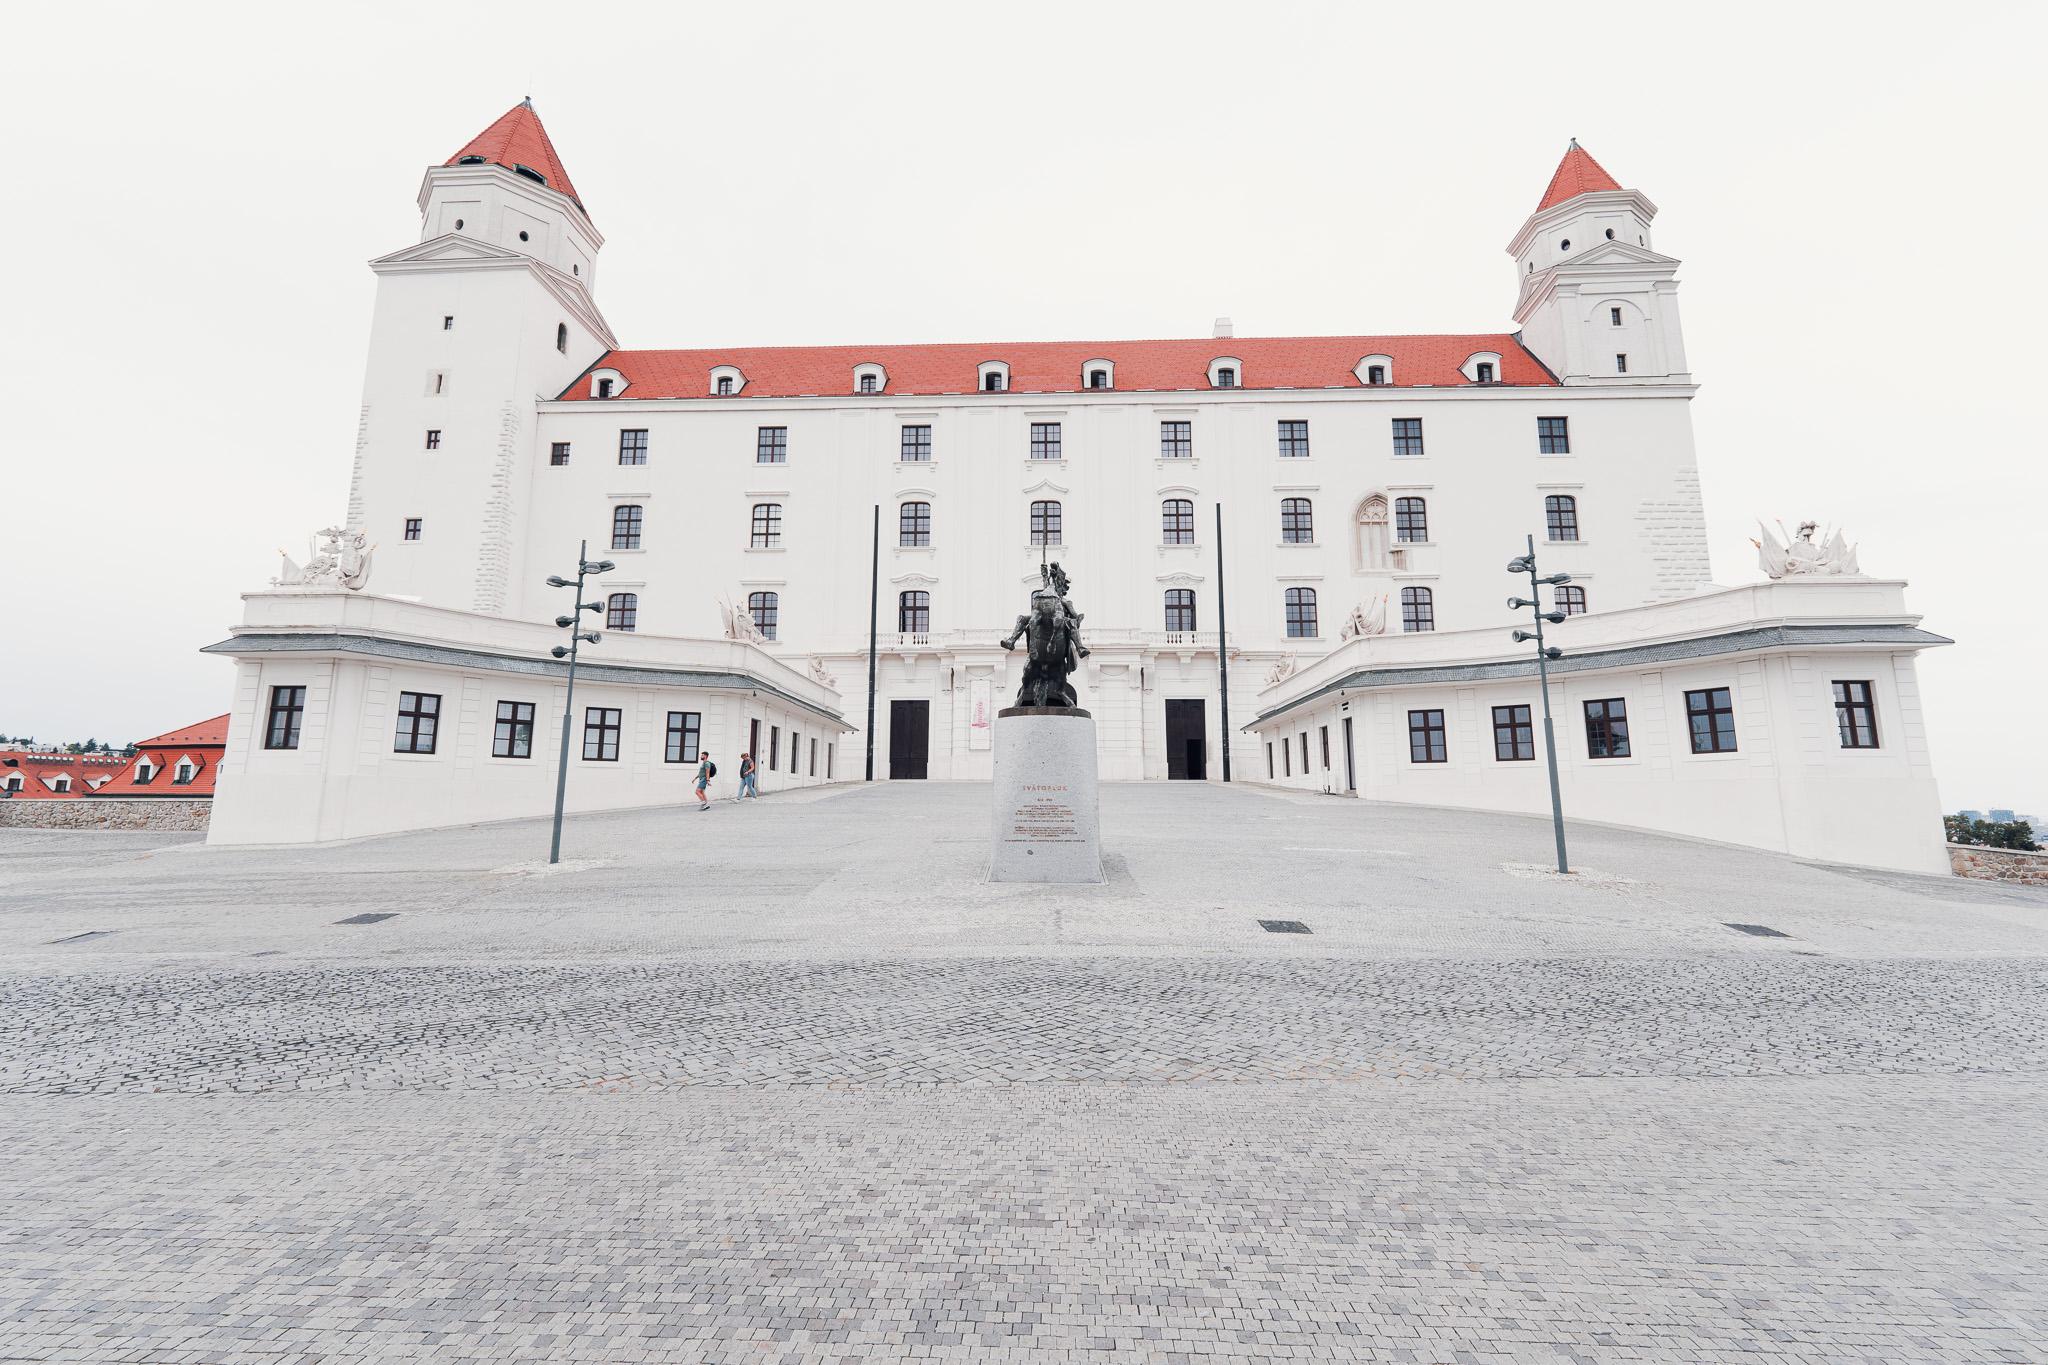 Bratislavský hrad a jeho nádvoří, v popředí je socha Svatopluka